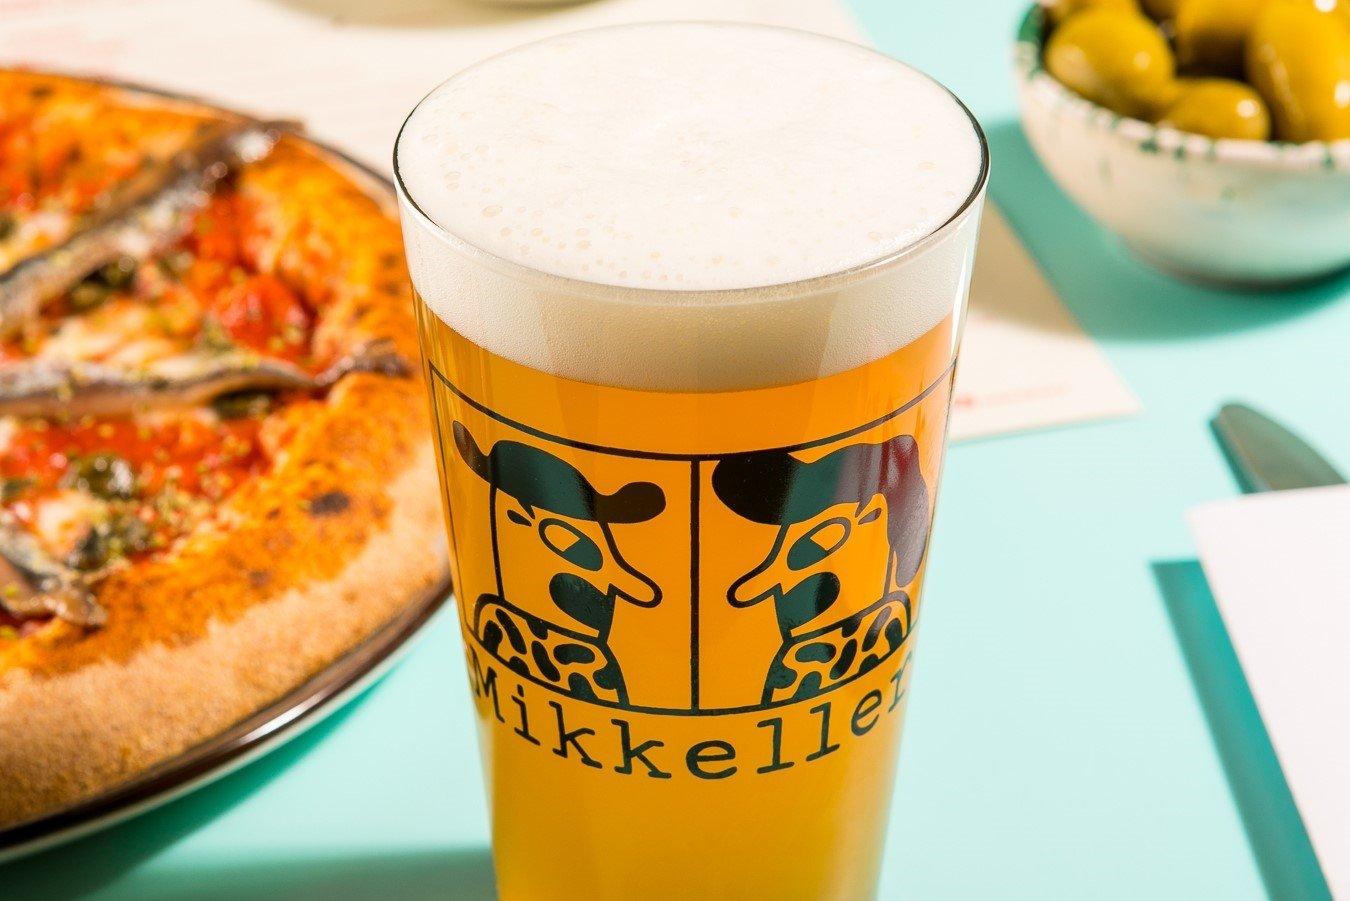 Birra Mikkeller e pizza Berberè